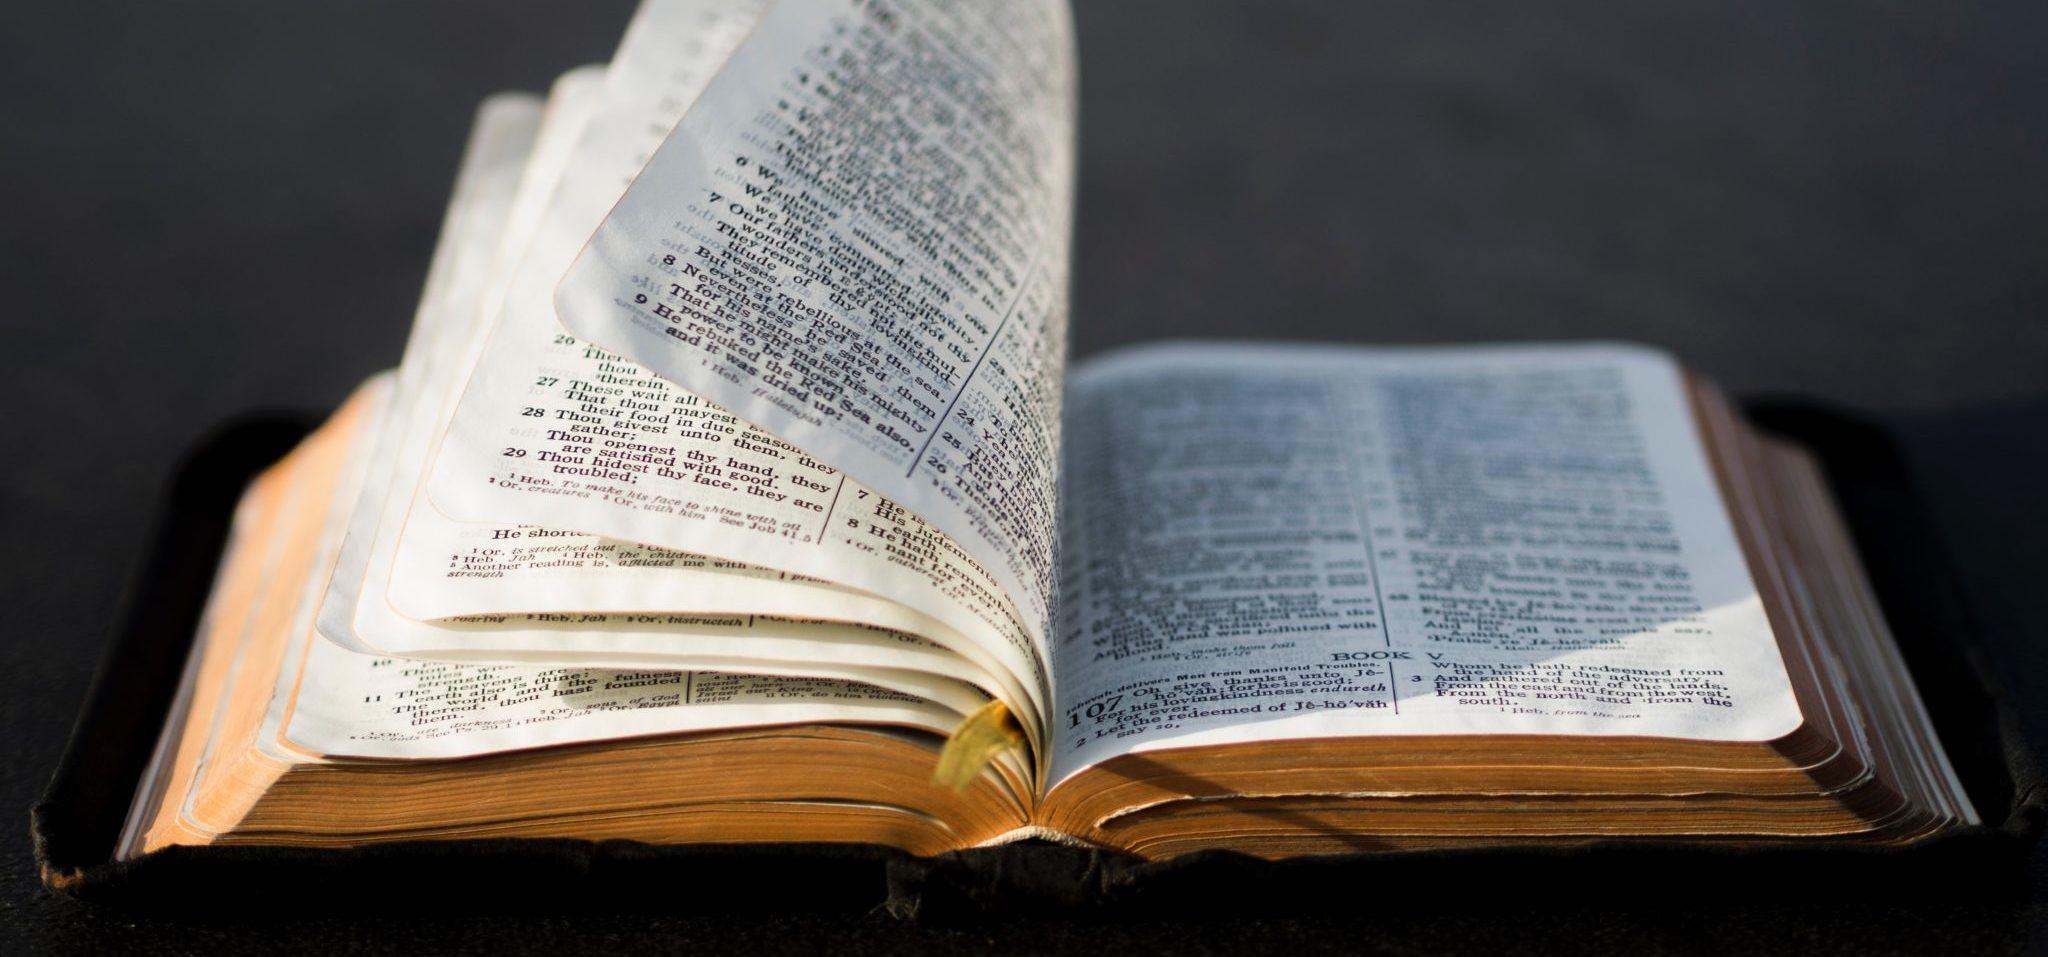 Христианские картинки с библией, анимационную открытку юбилеем